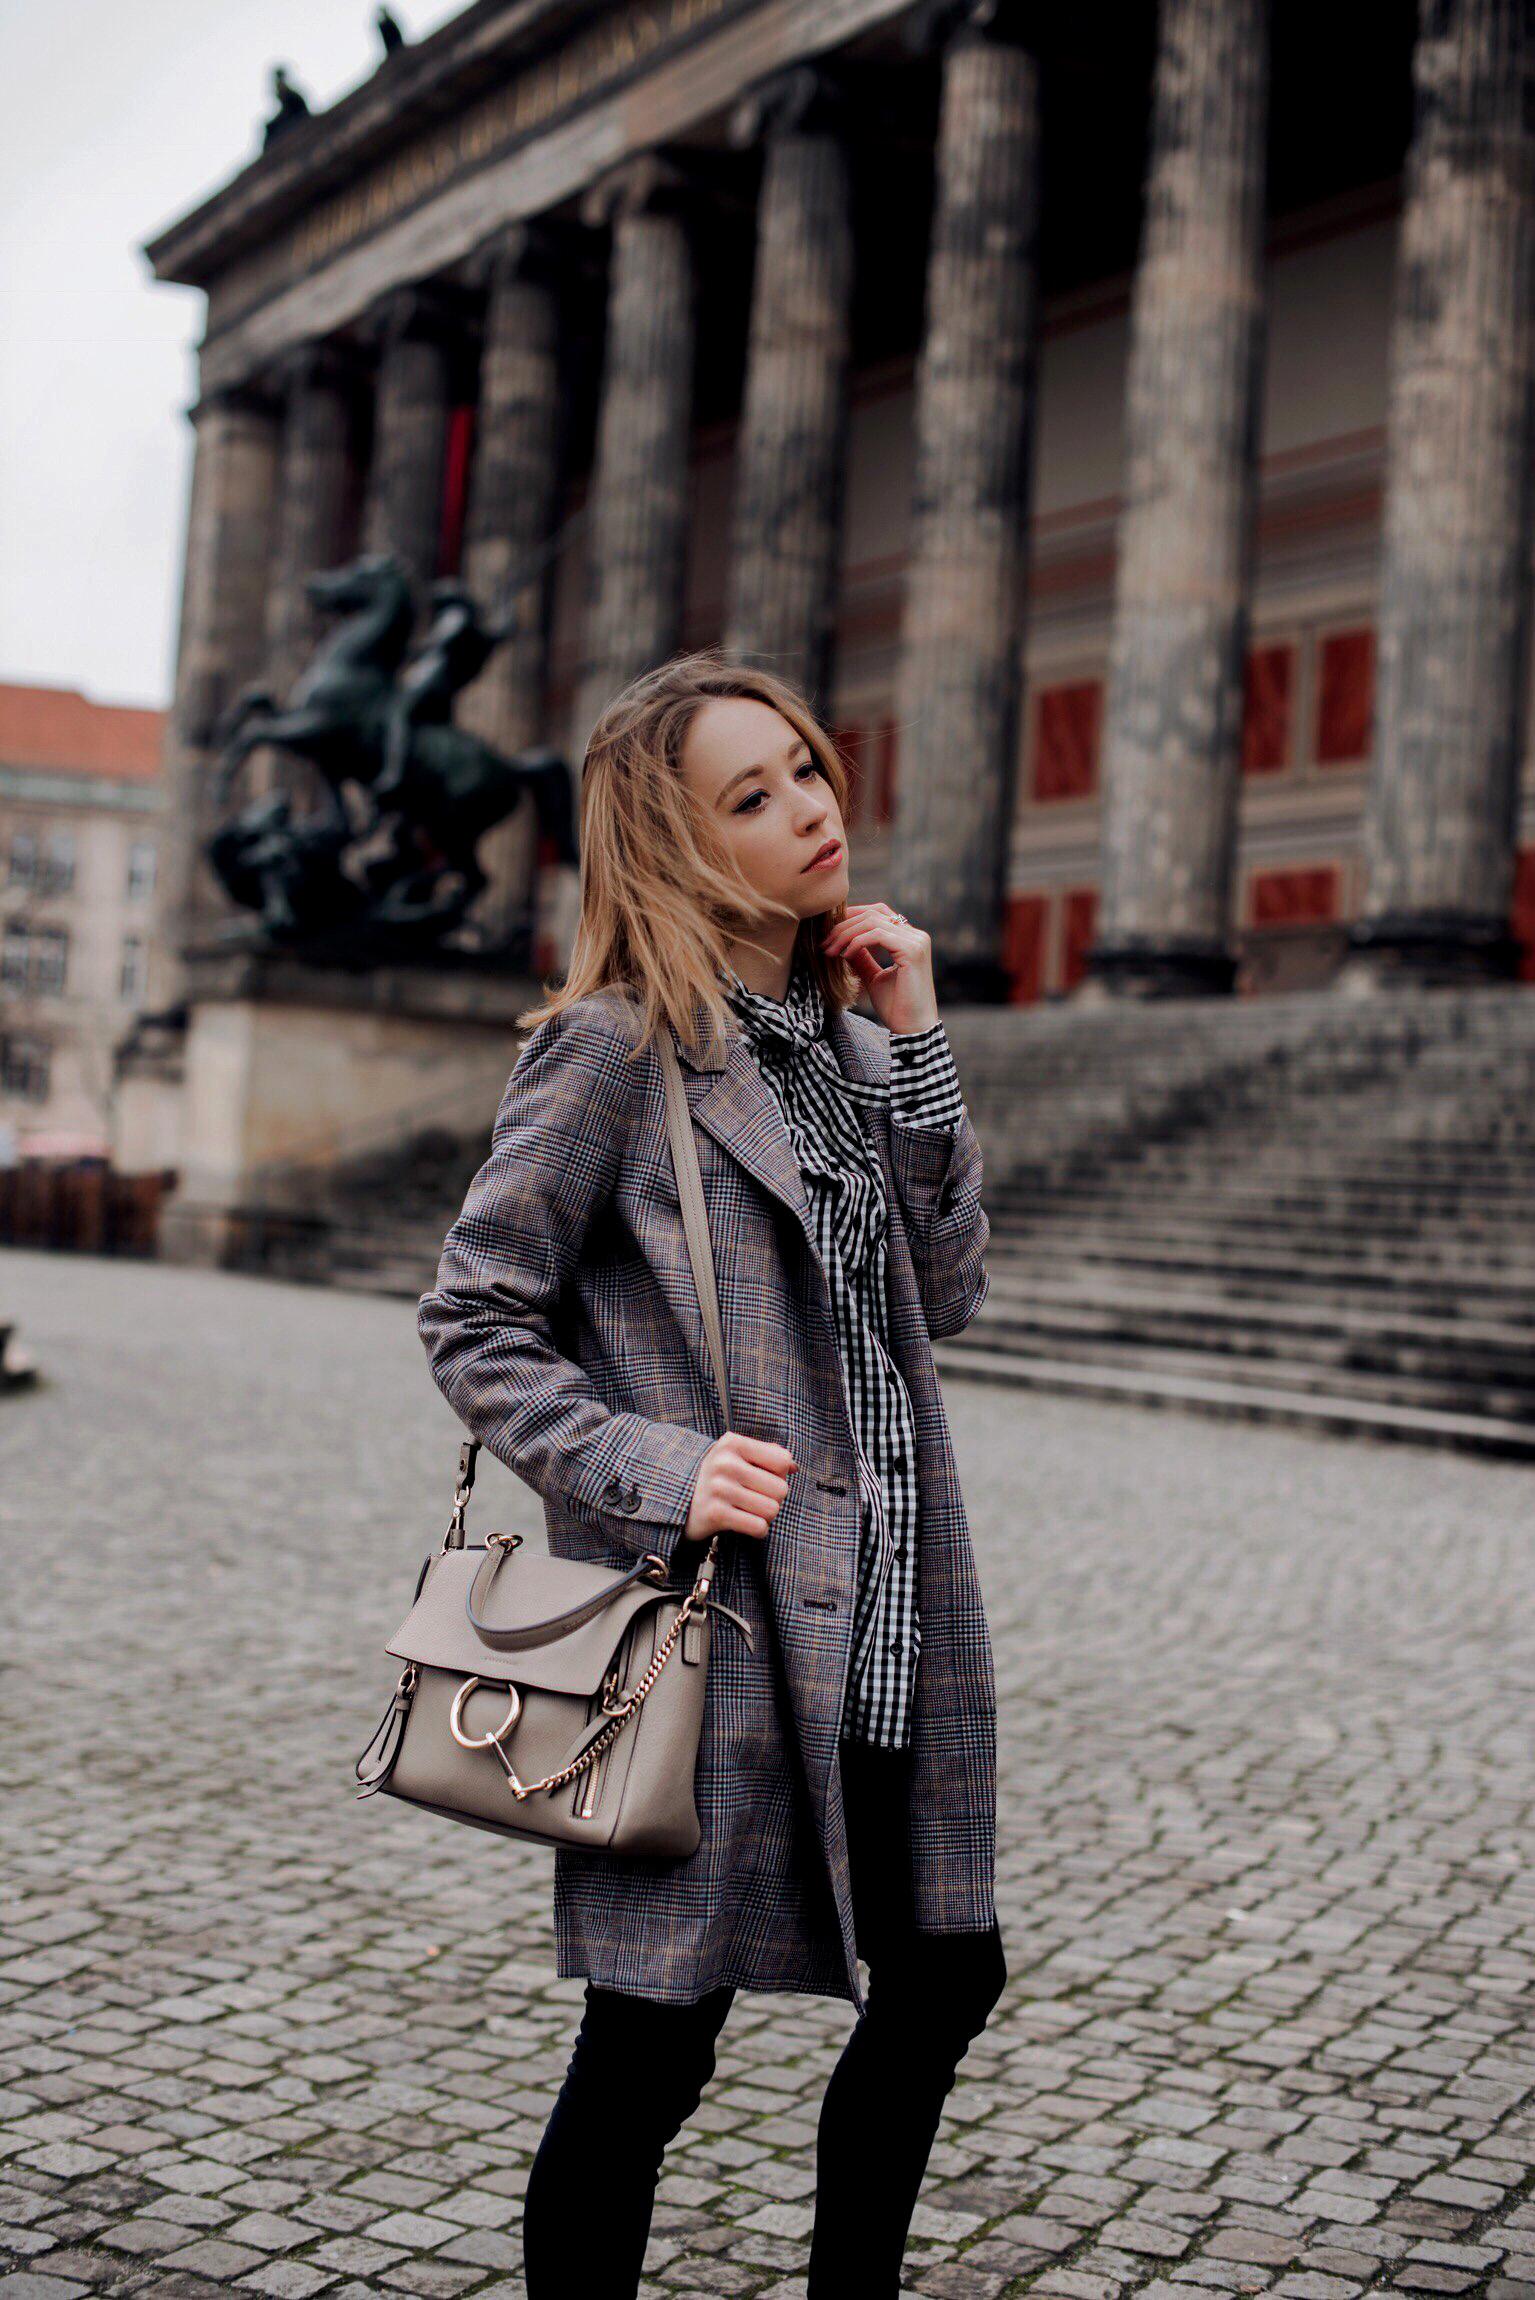 Wir Und Diesen Tragen Herbst Winter Mantel TrendsDiese Mäntel 34RcLqAjS5